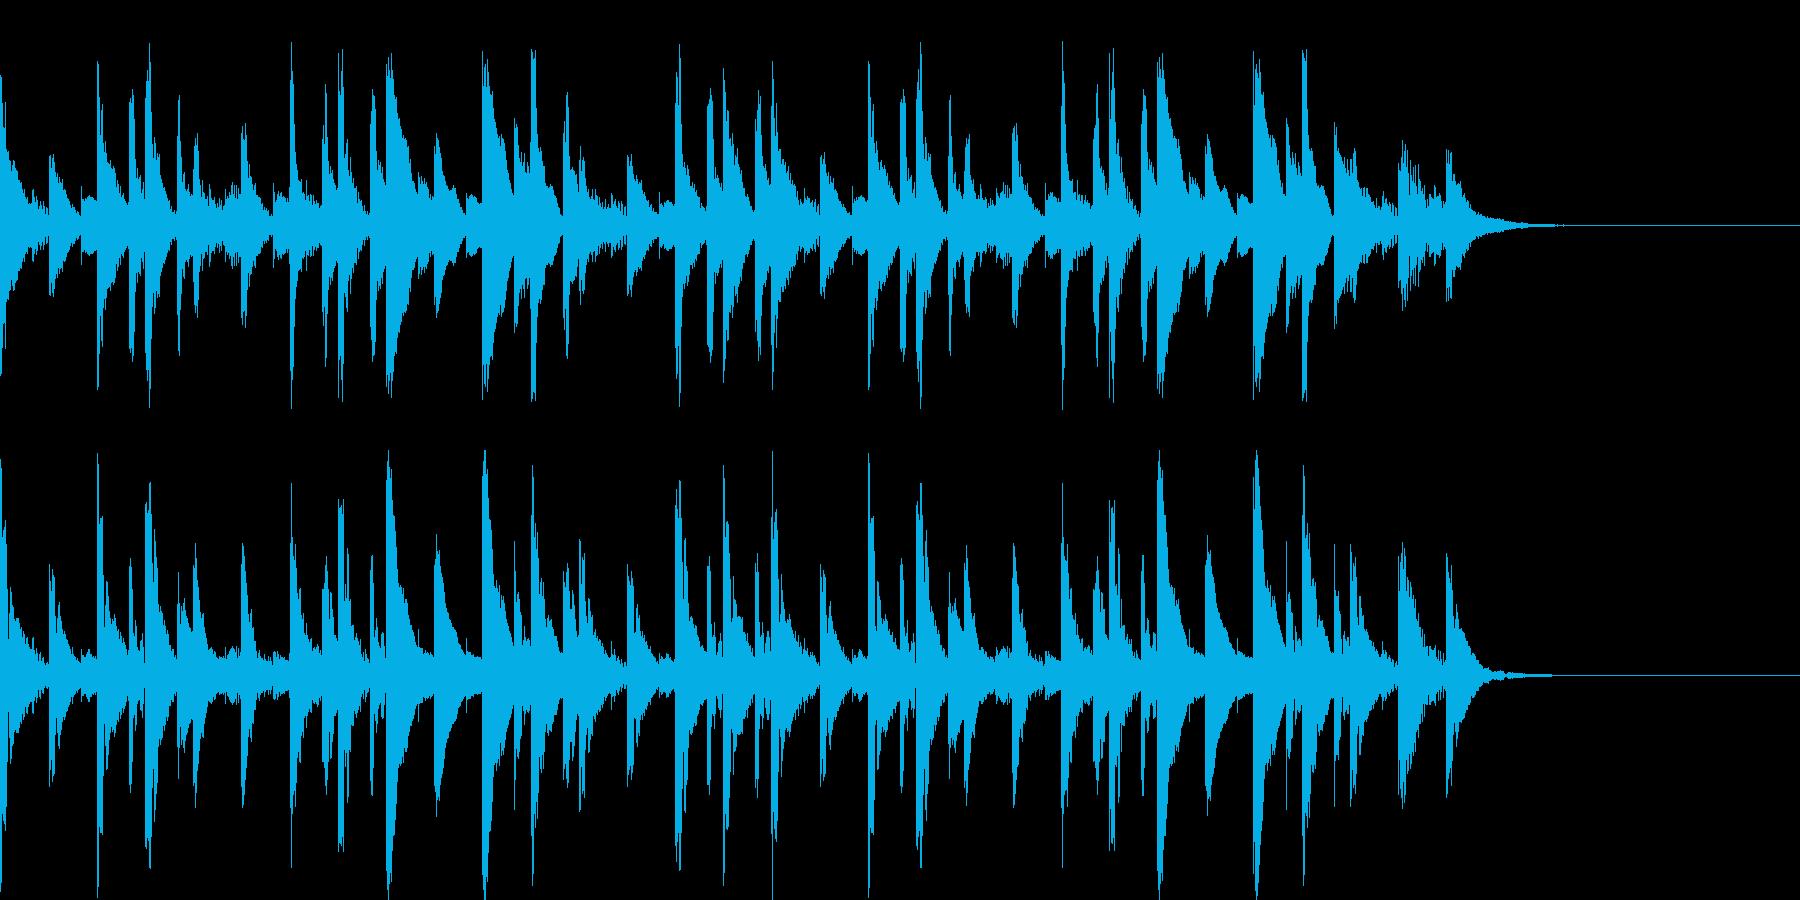 まったりほのぼのなマリンバのジングルの再生済みの波形